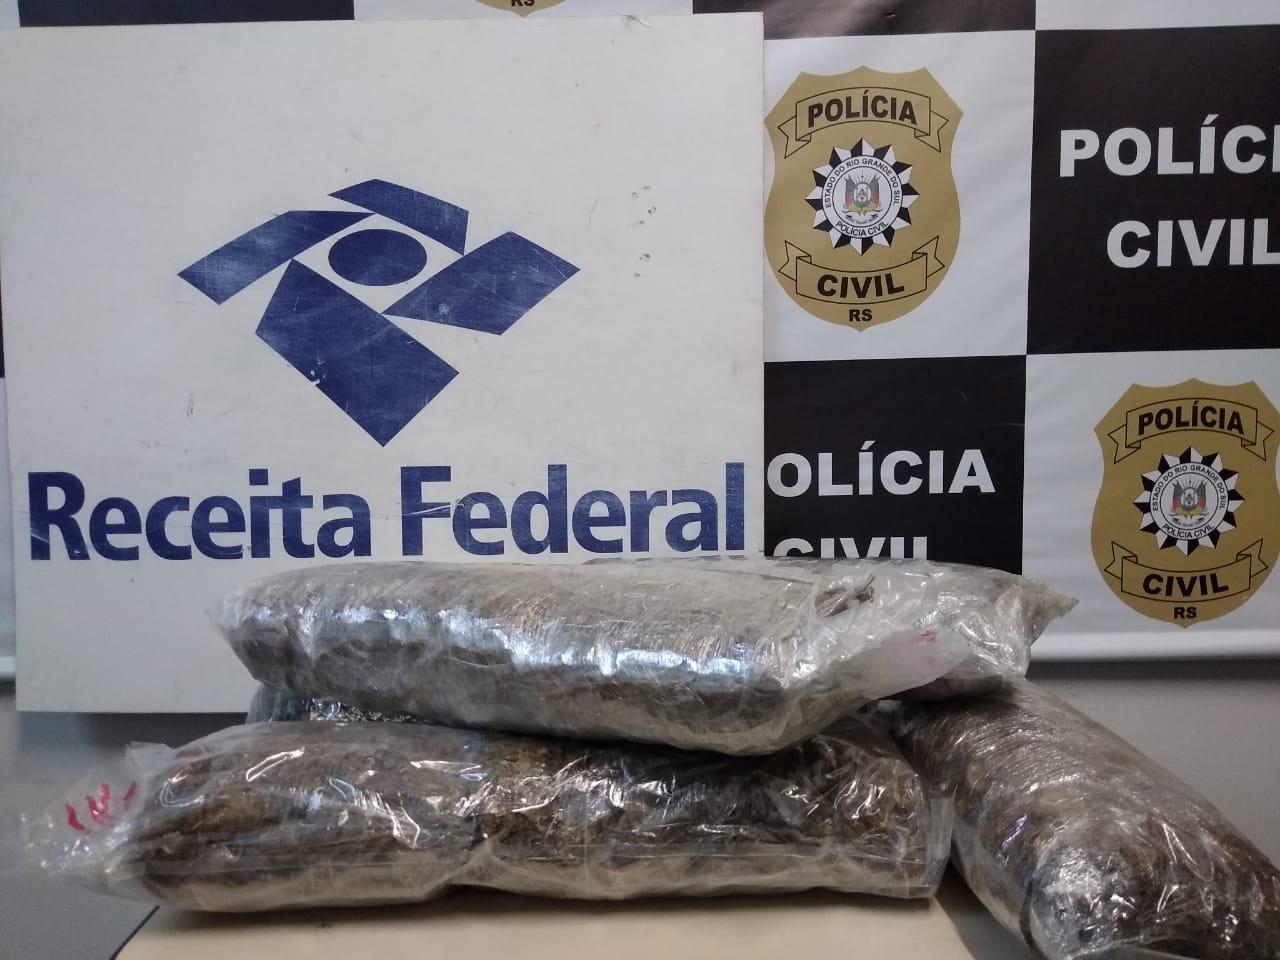 Receita Federal intercepta postagem de droga nos Correios em Pelotas